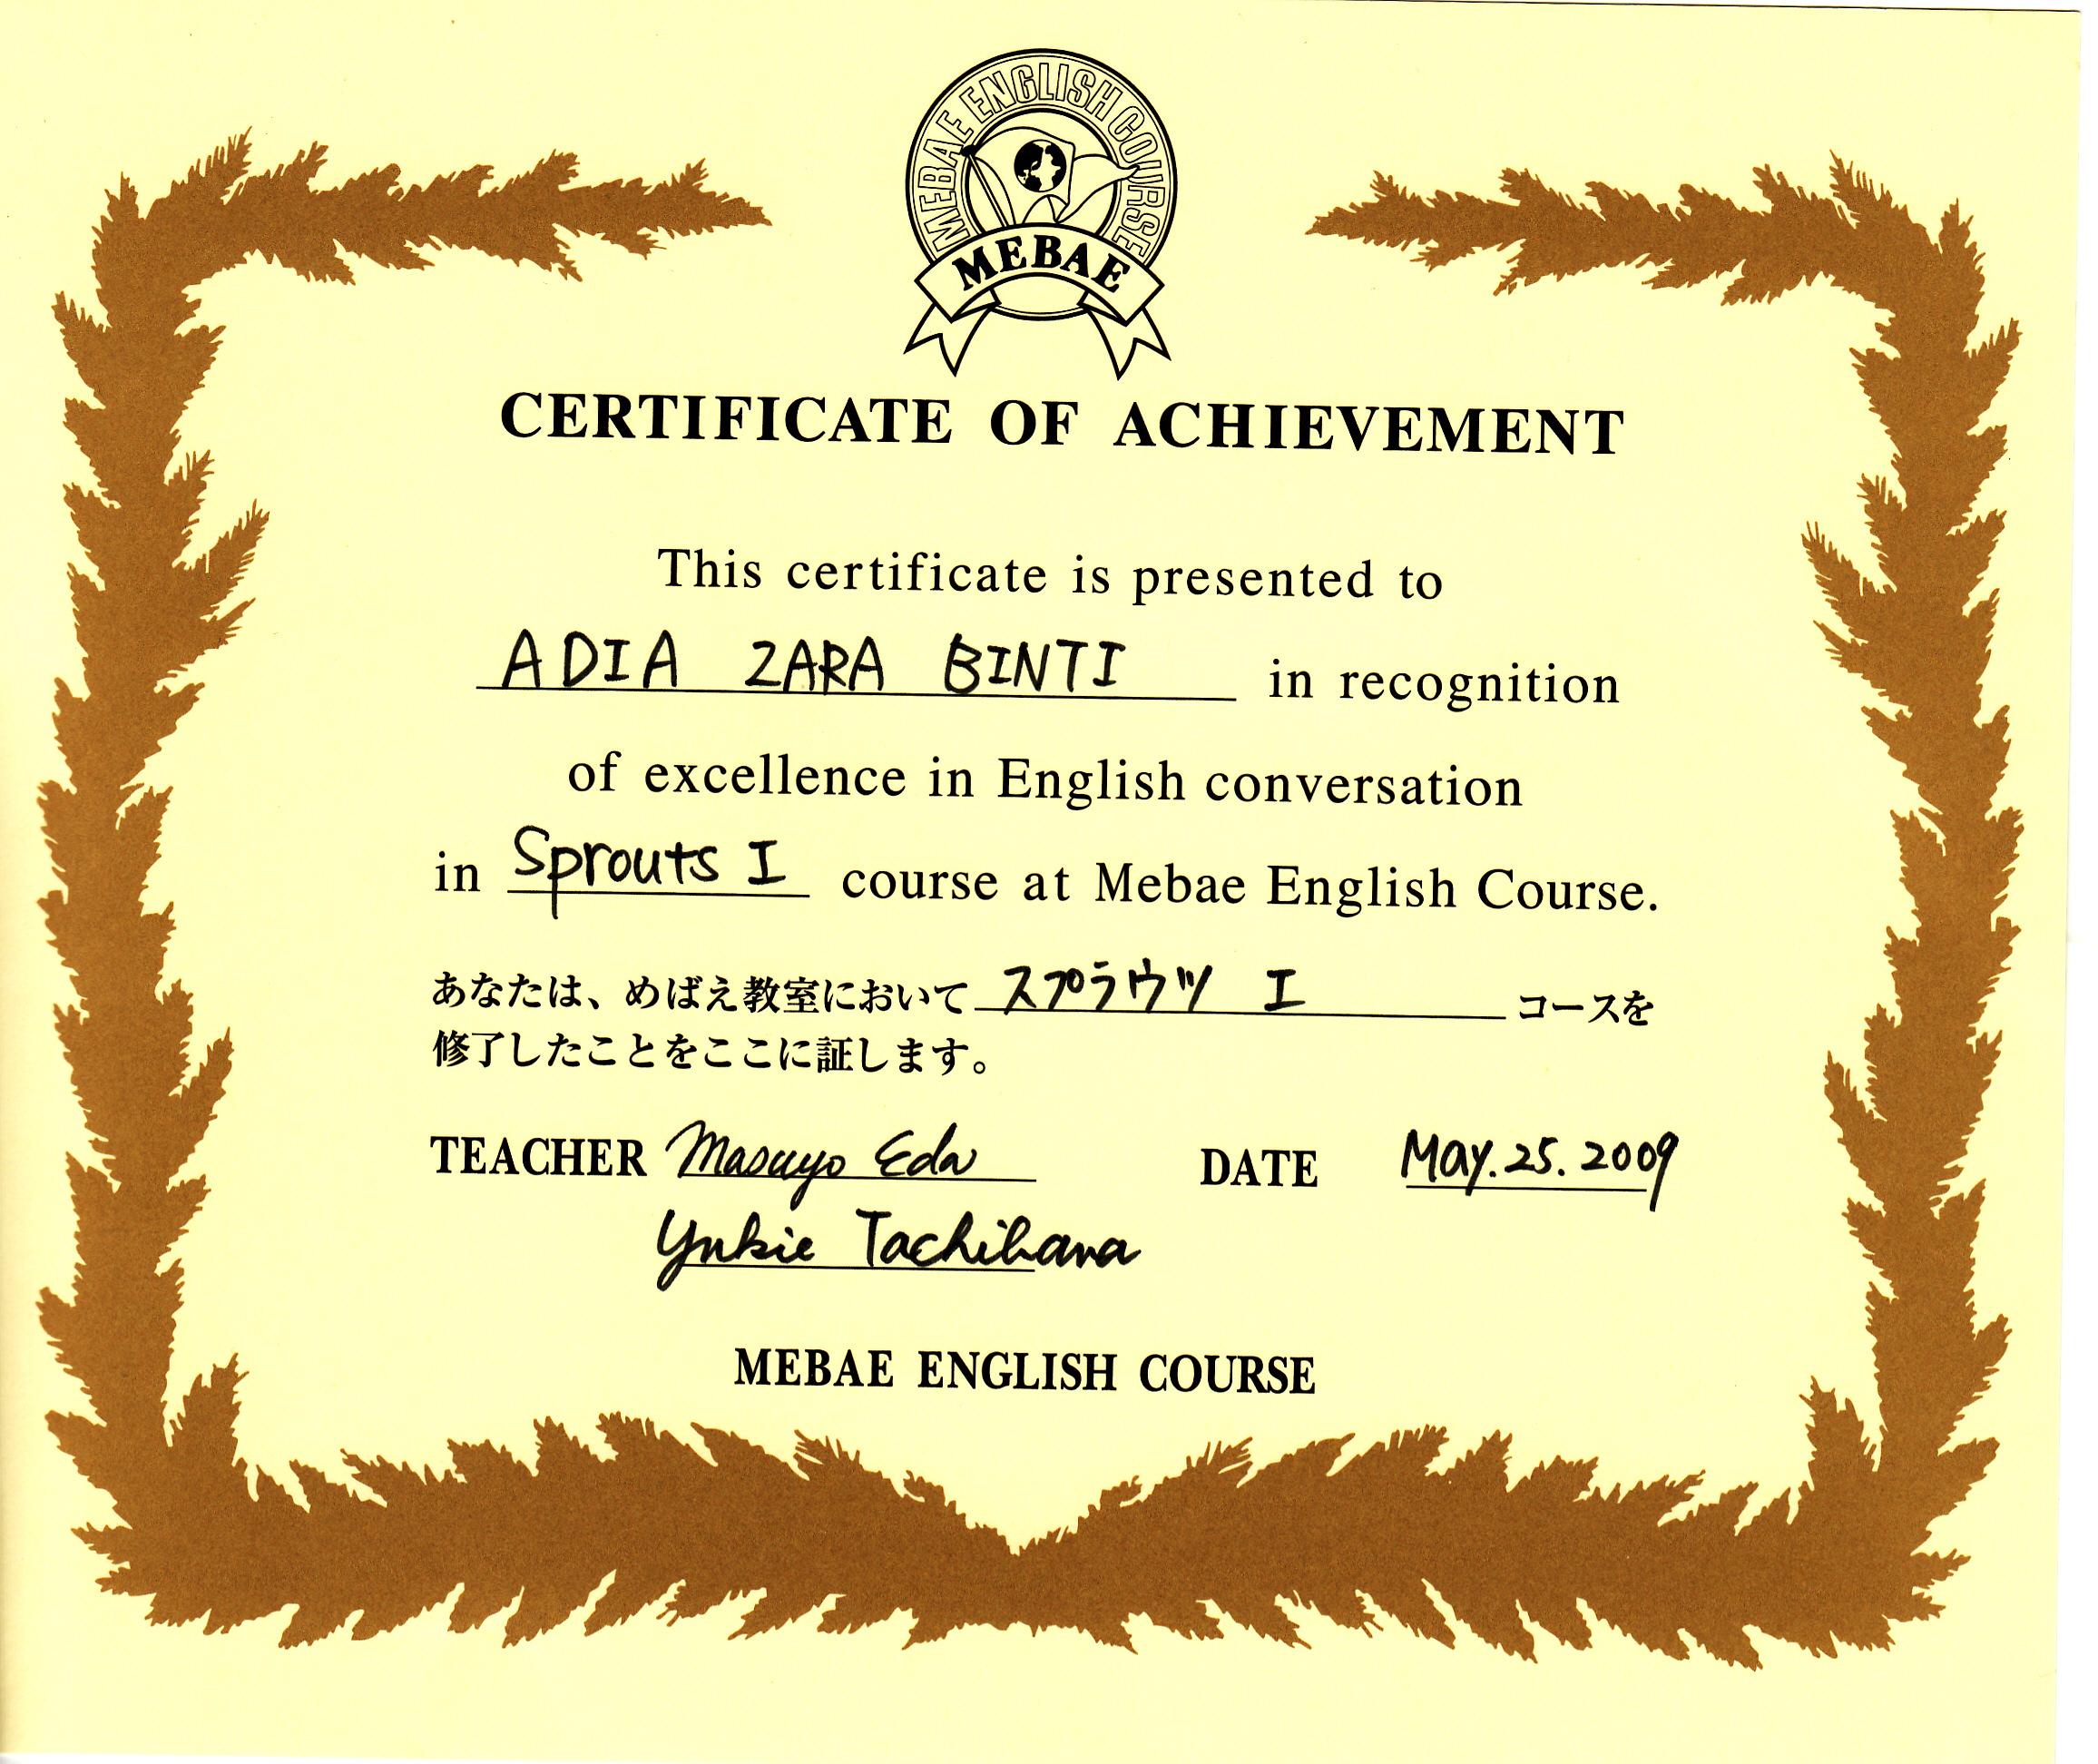 sijil annual Salinan form of annual return terkini yang disahkan oleh setiausaha syarikat, lengkap dengan nama dan no lesen atau suruhanjaya dengan memiliki sijil ini.